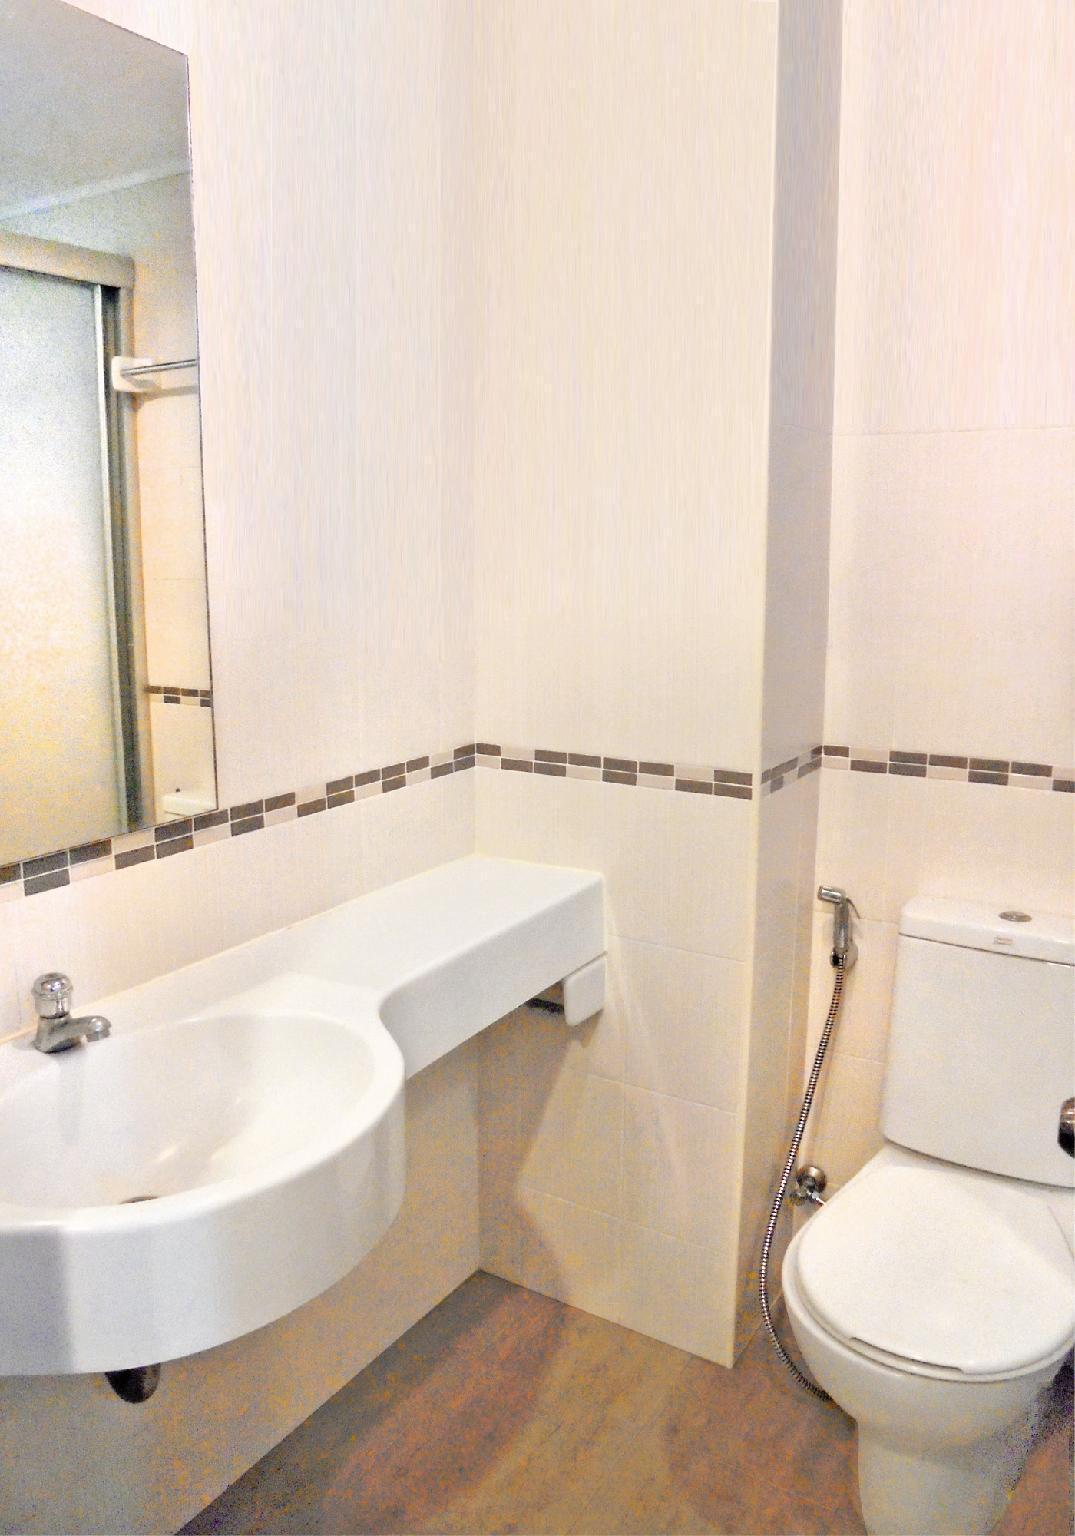 Bang Kapi Hua Mak Condo Room อพาร์ตเมนต์ 1 ห้องนอน 1 ห้องน้ำส่วนตัว ขนาด 1400 ตร.ม. – บางกะปิ